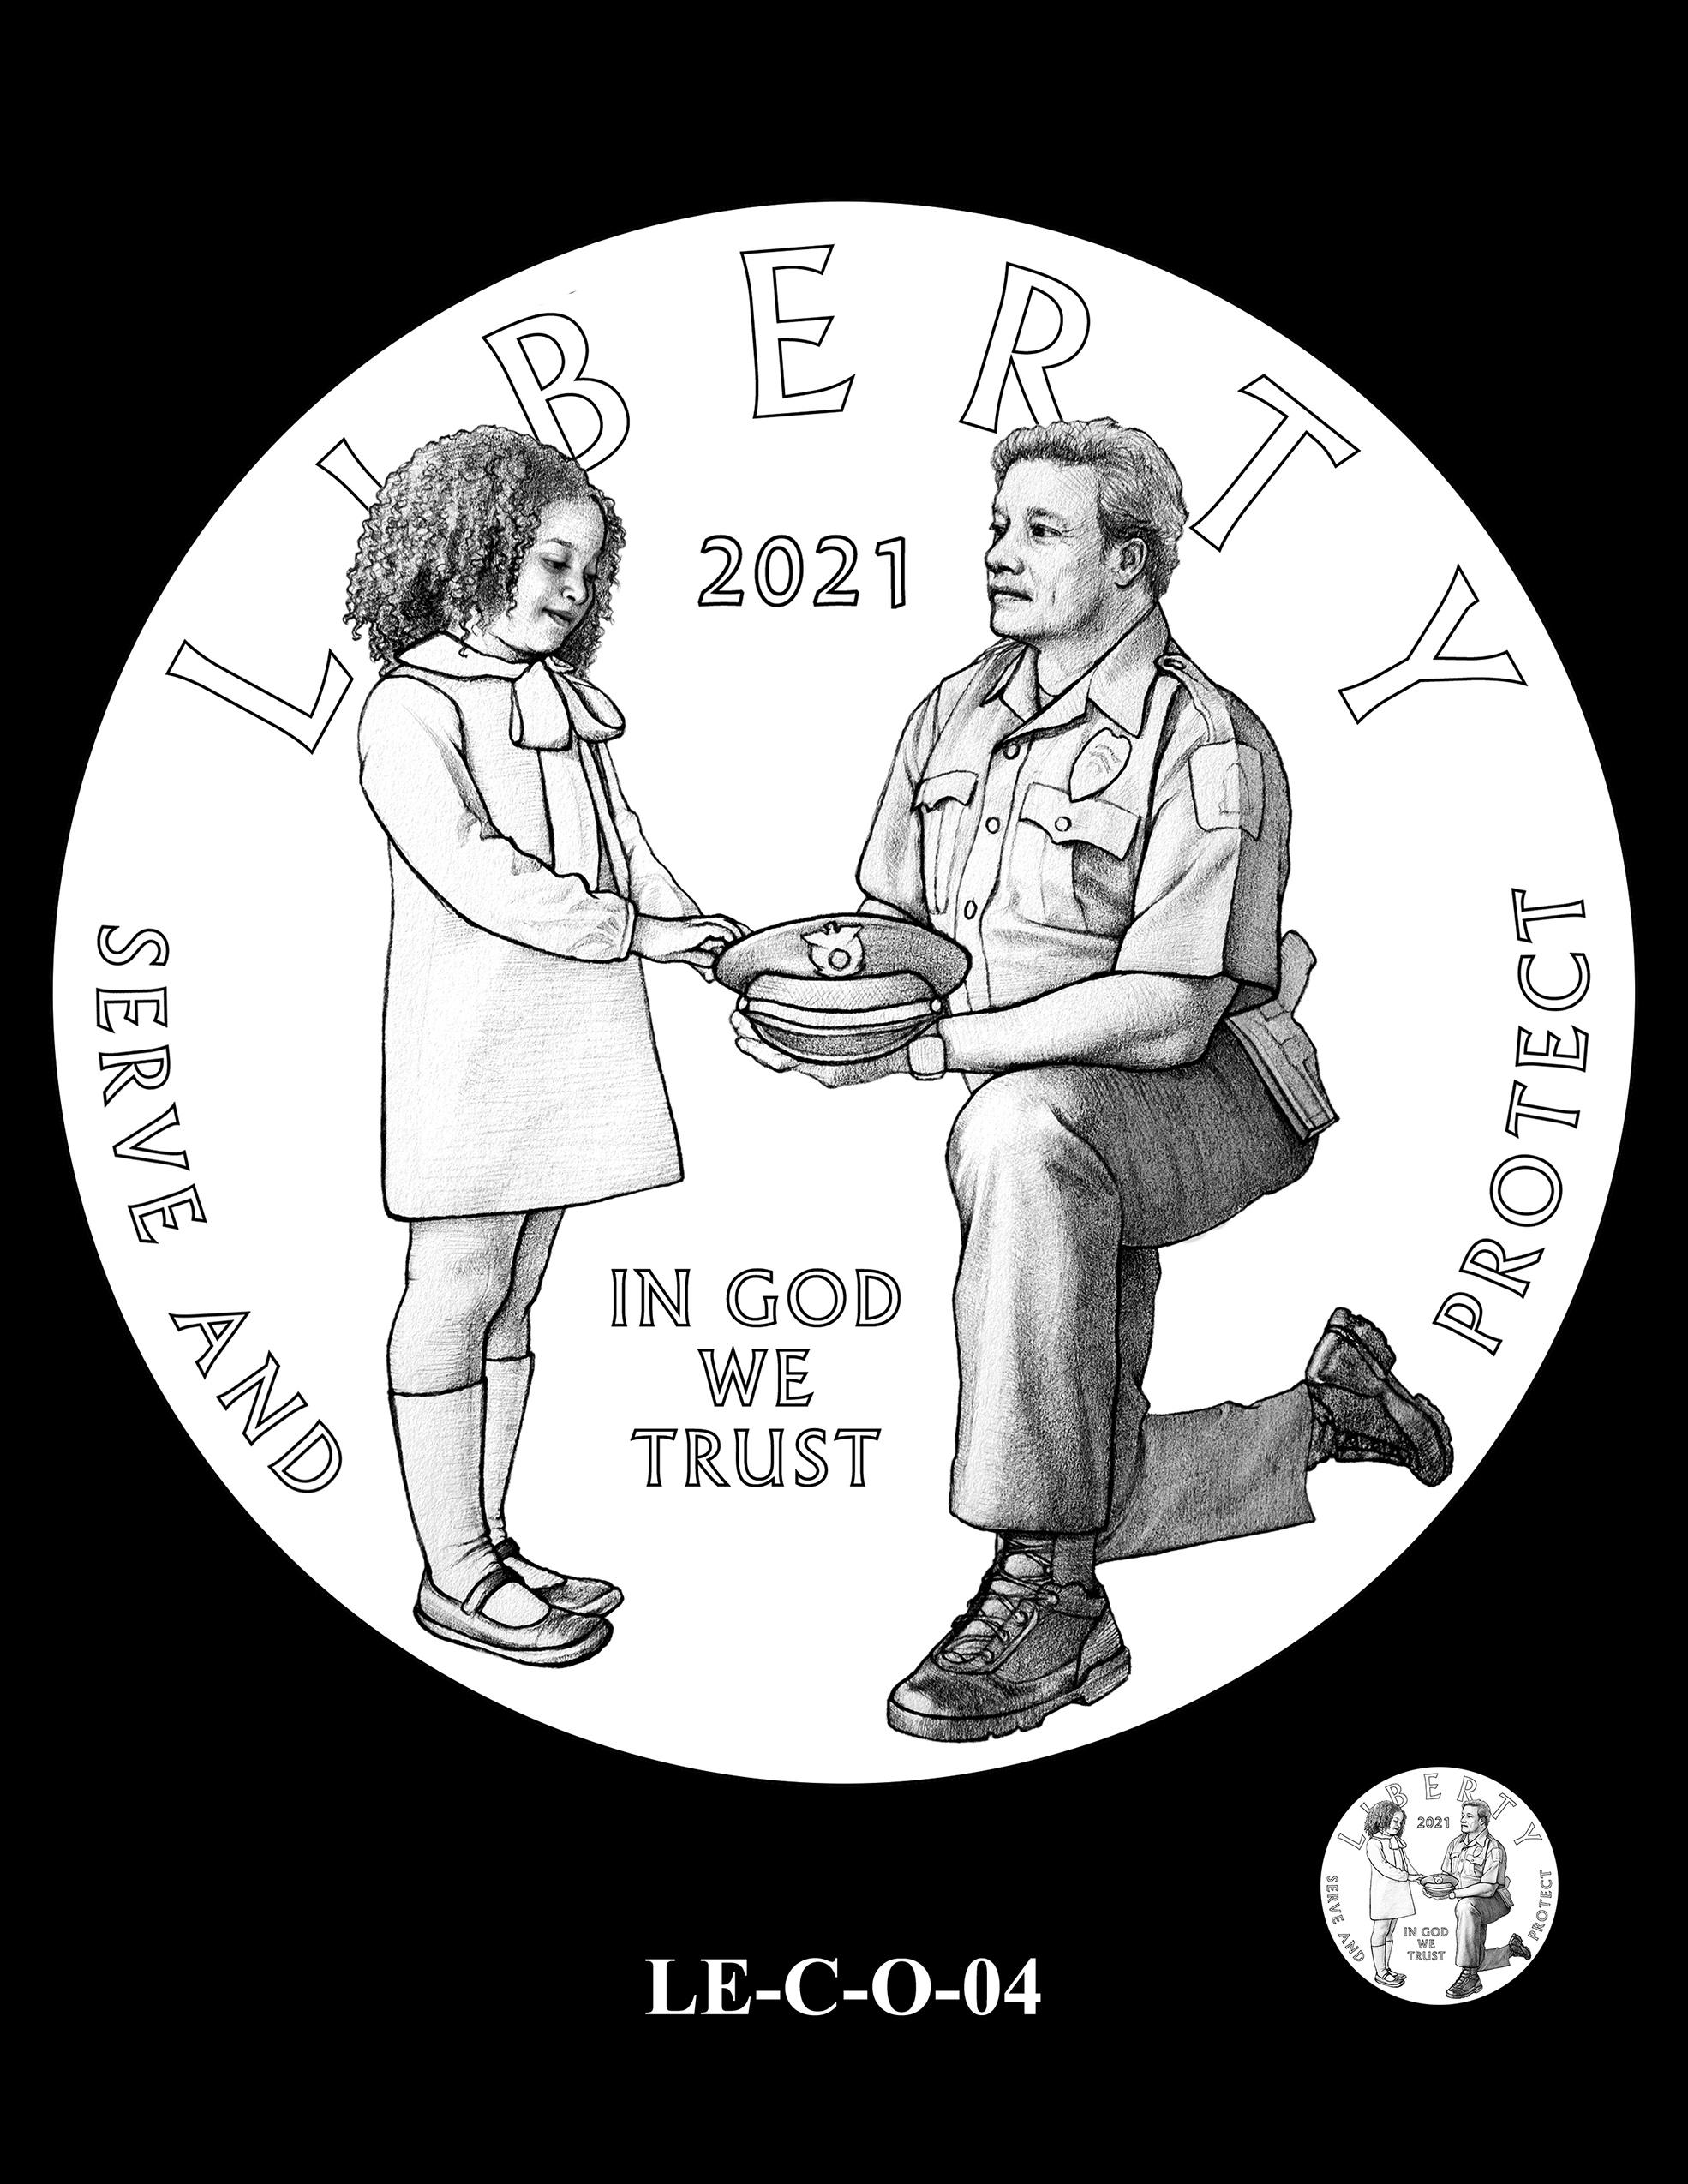 LE-C-O-04 -- National Law Enforcement Museum Commemorative Coin Program